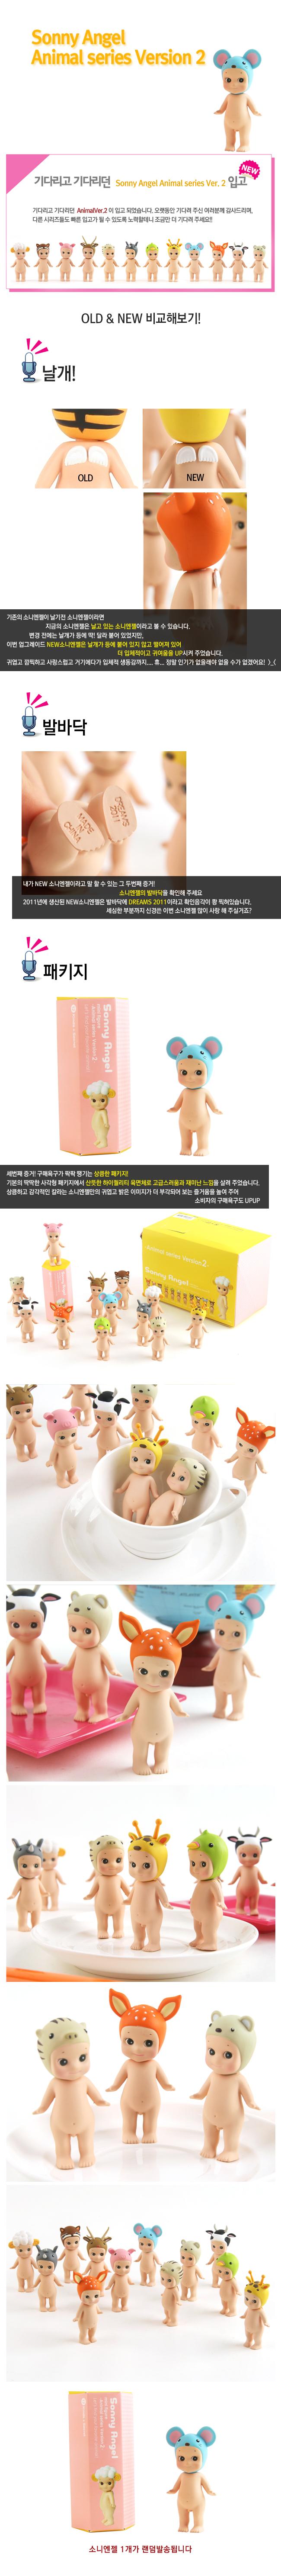 소니엔젤 미니피규어_Animal 2 ver (랜덤) - 소니엔젤, 6,900원, 아시아 피규어, 소니엔젤